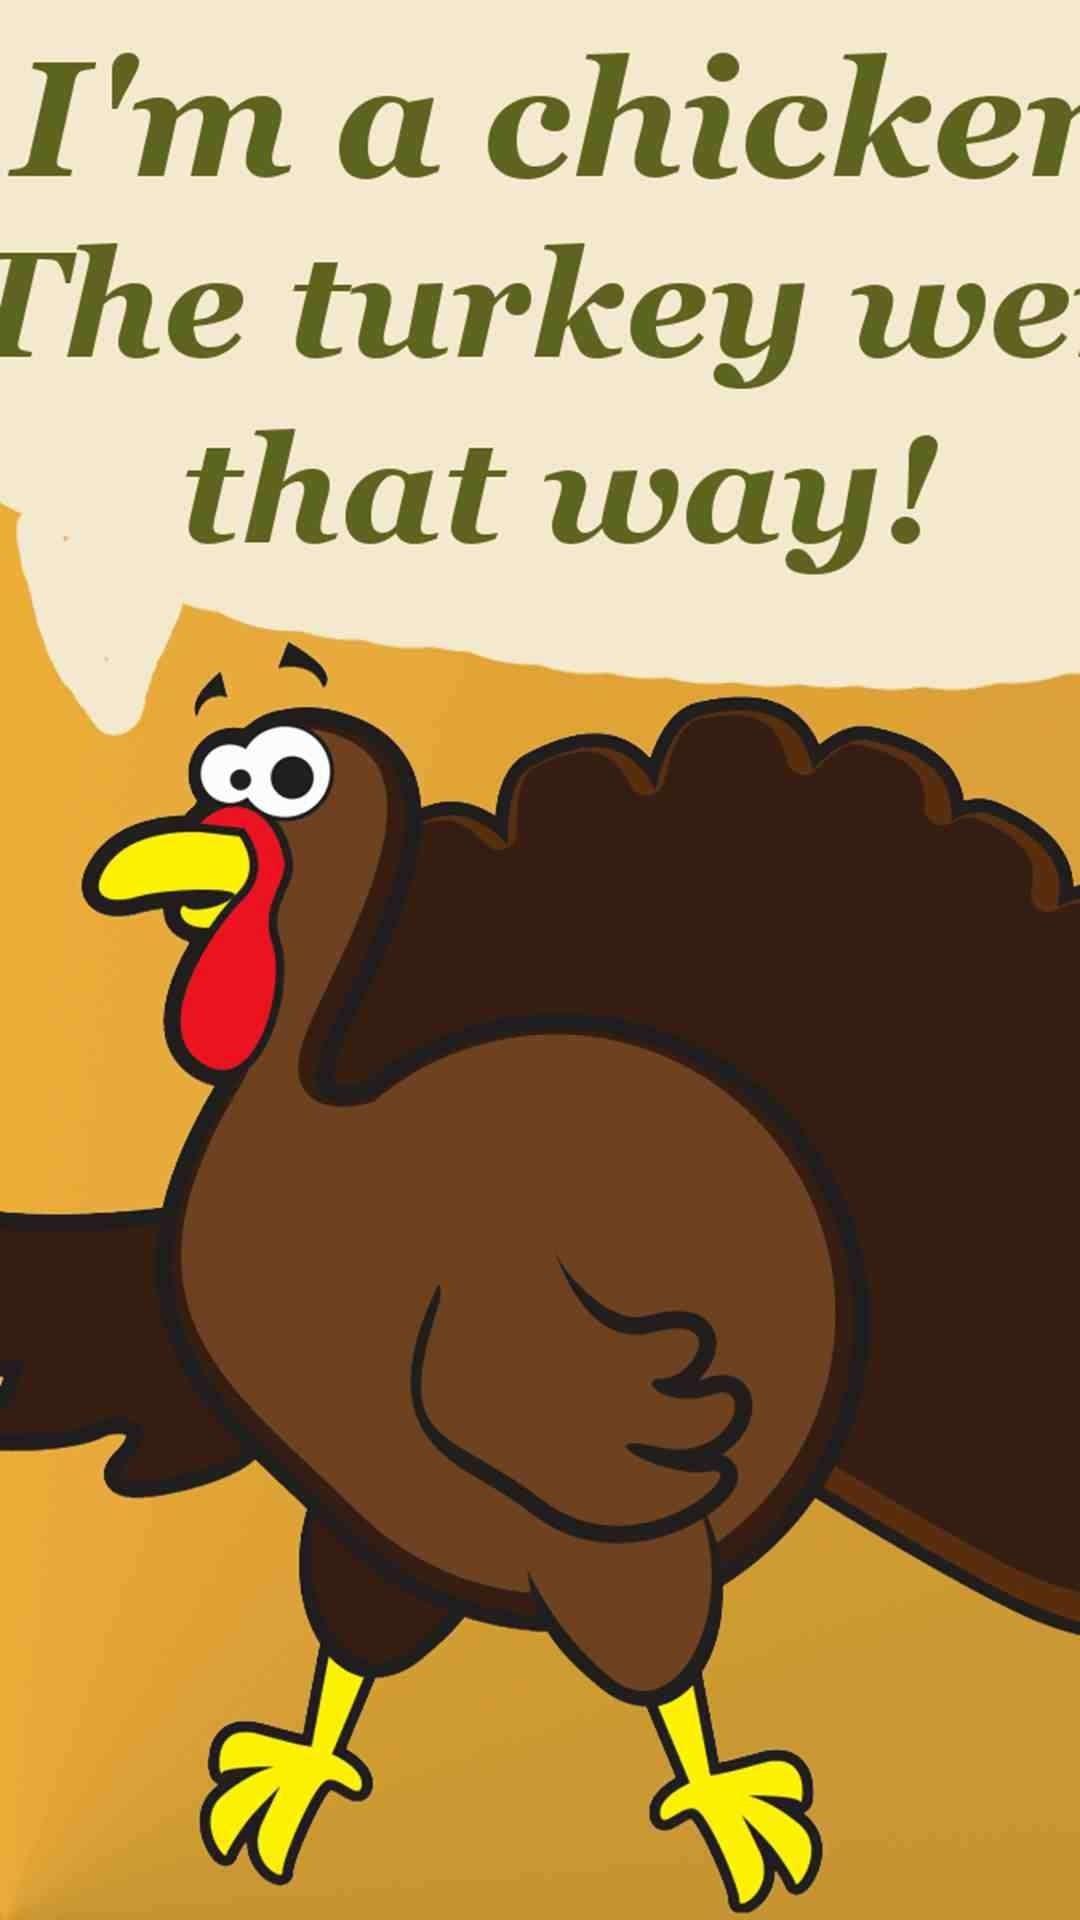 Thanksgiving Funny Wallpaper : thanksgiving, funny, wallpaper, Thanksgiving, Funny, Turkey, Wallpapers, Wallpaper